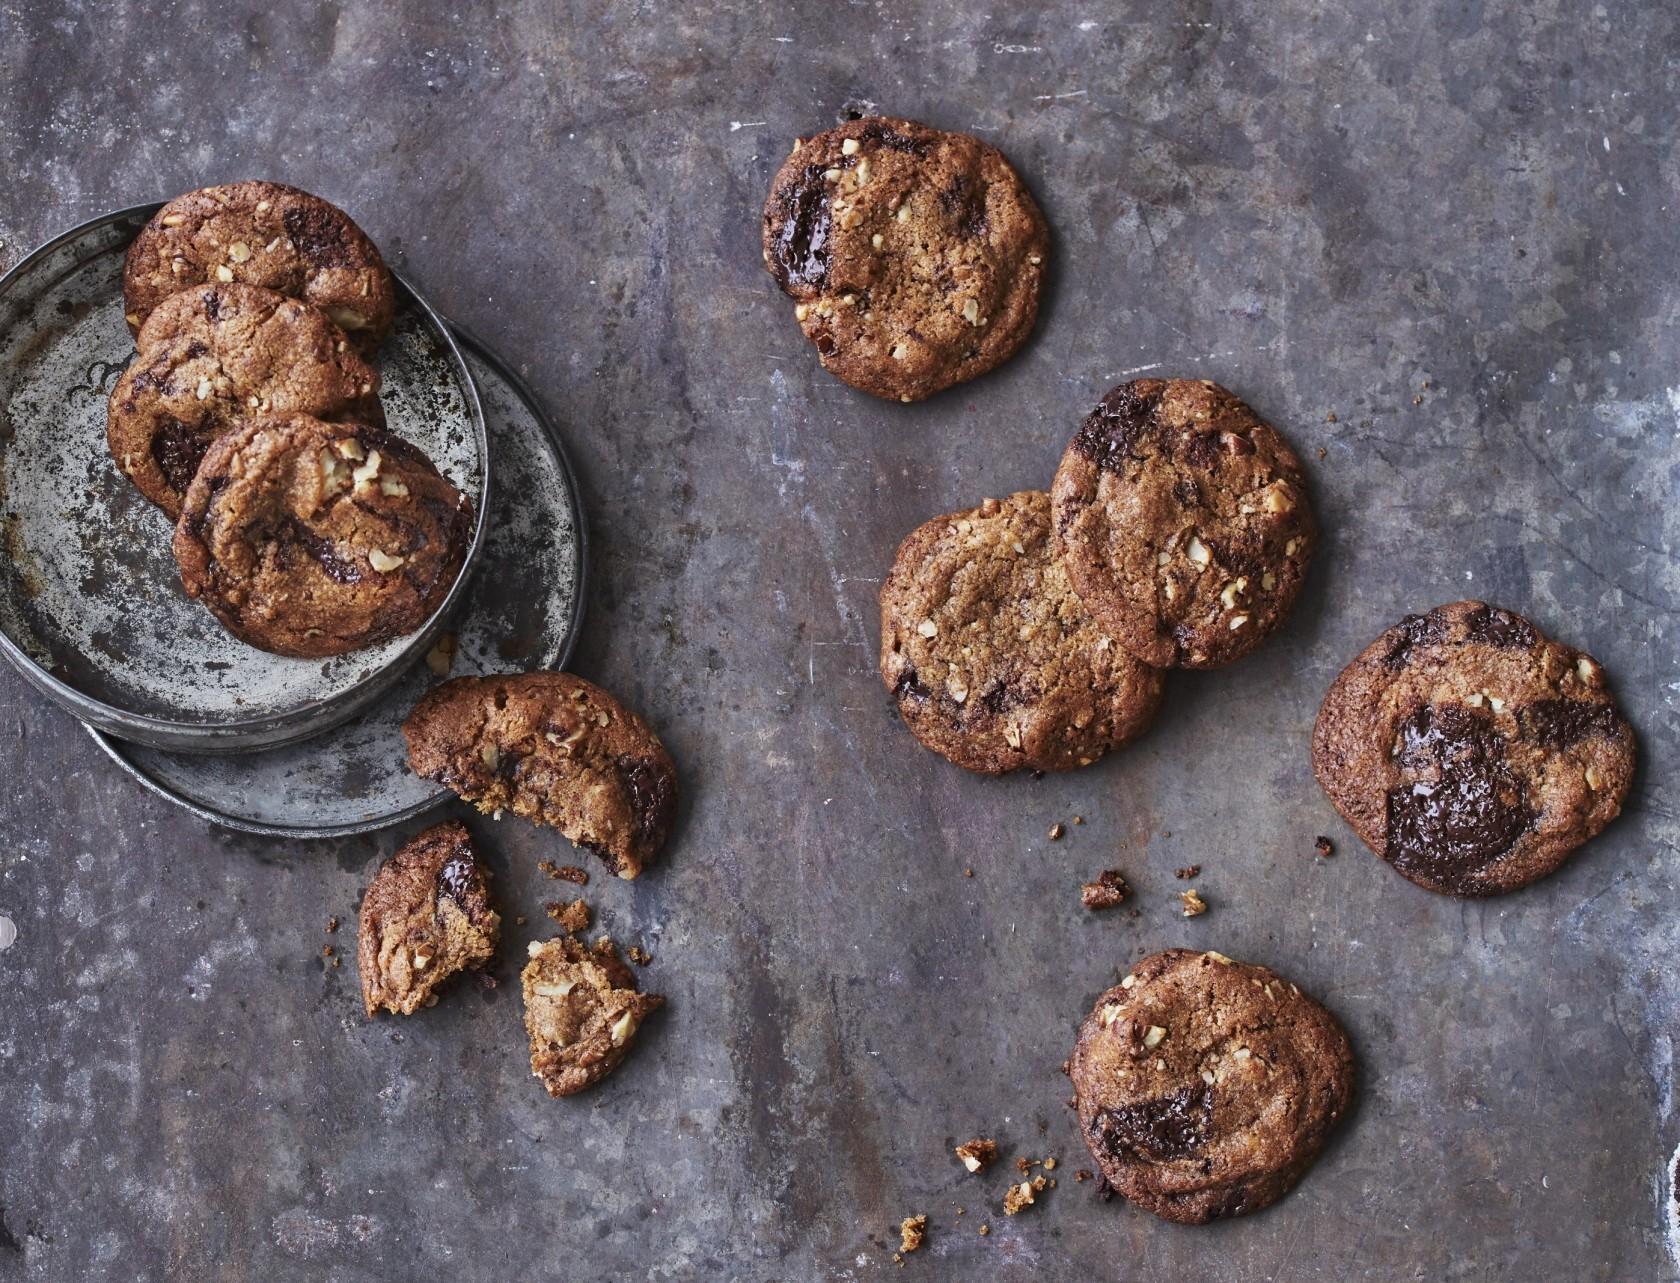 Chocolate chip cookies med pekannødder - den bedste opskrift!